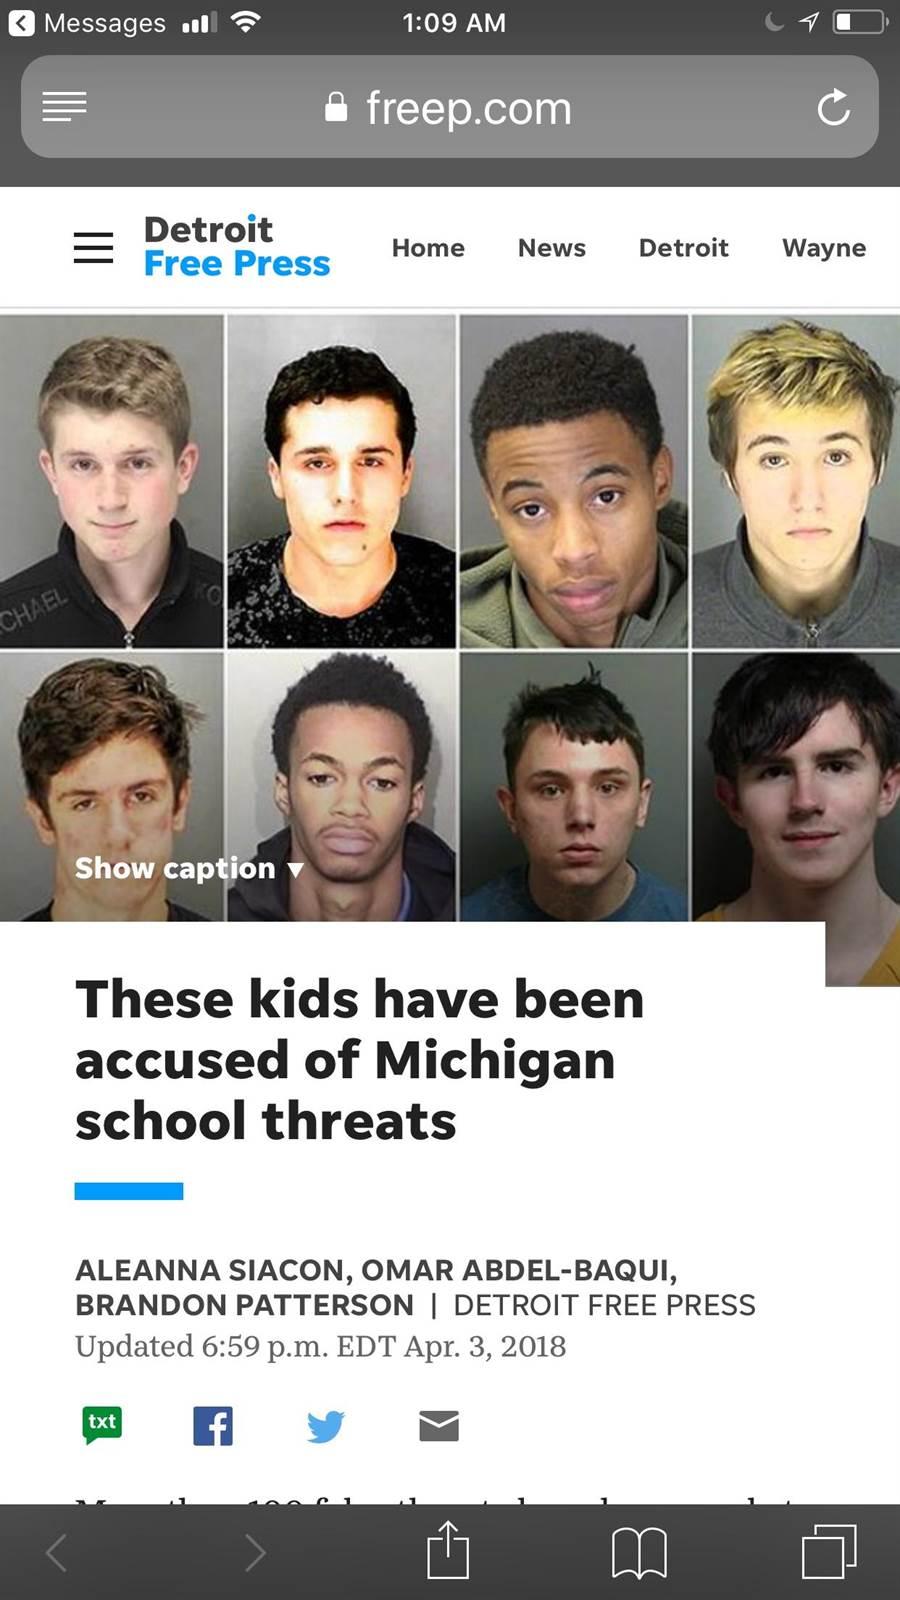 密西根州已有上百件年輕學生因為恐怖威脅被捕。(翻攝自Detroit Free Press)